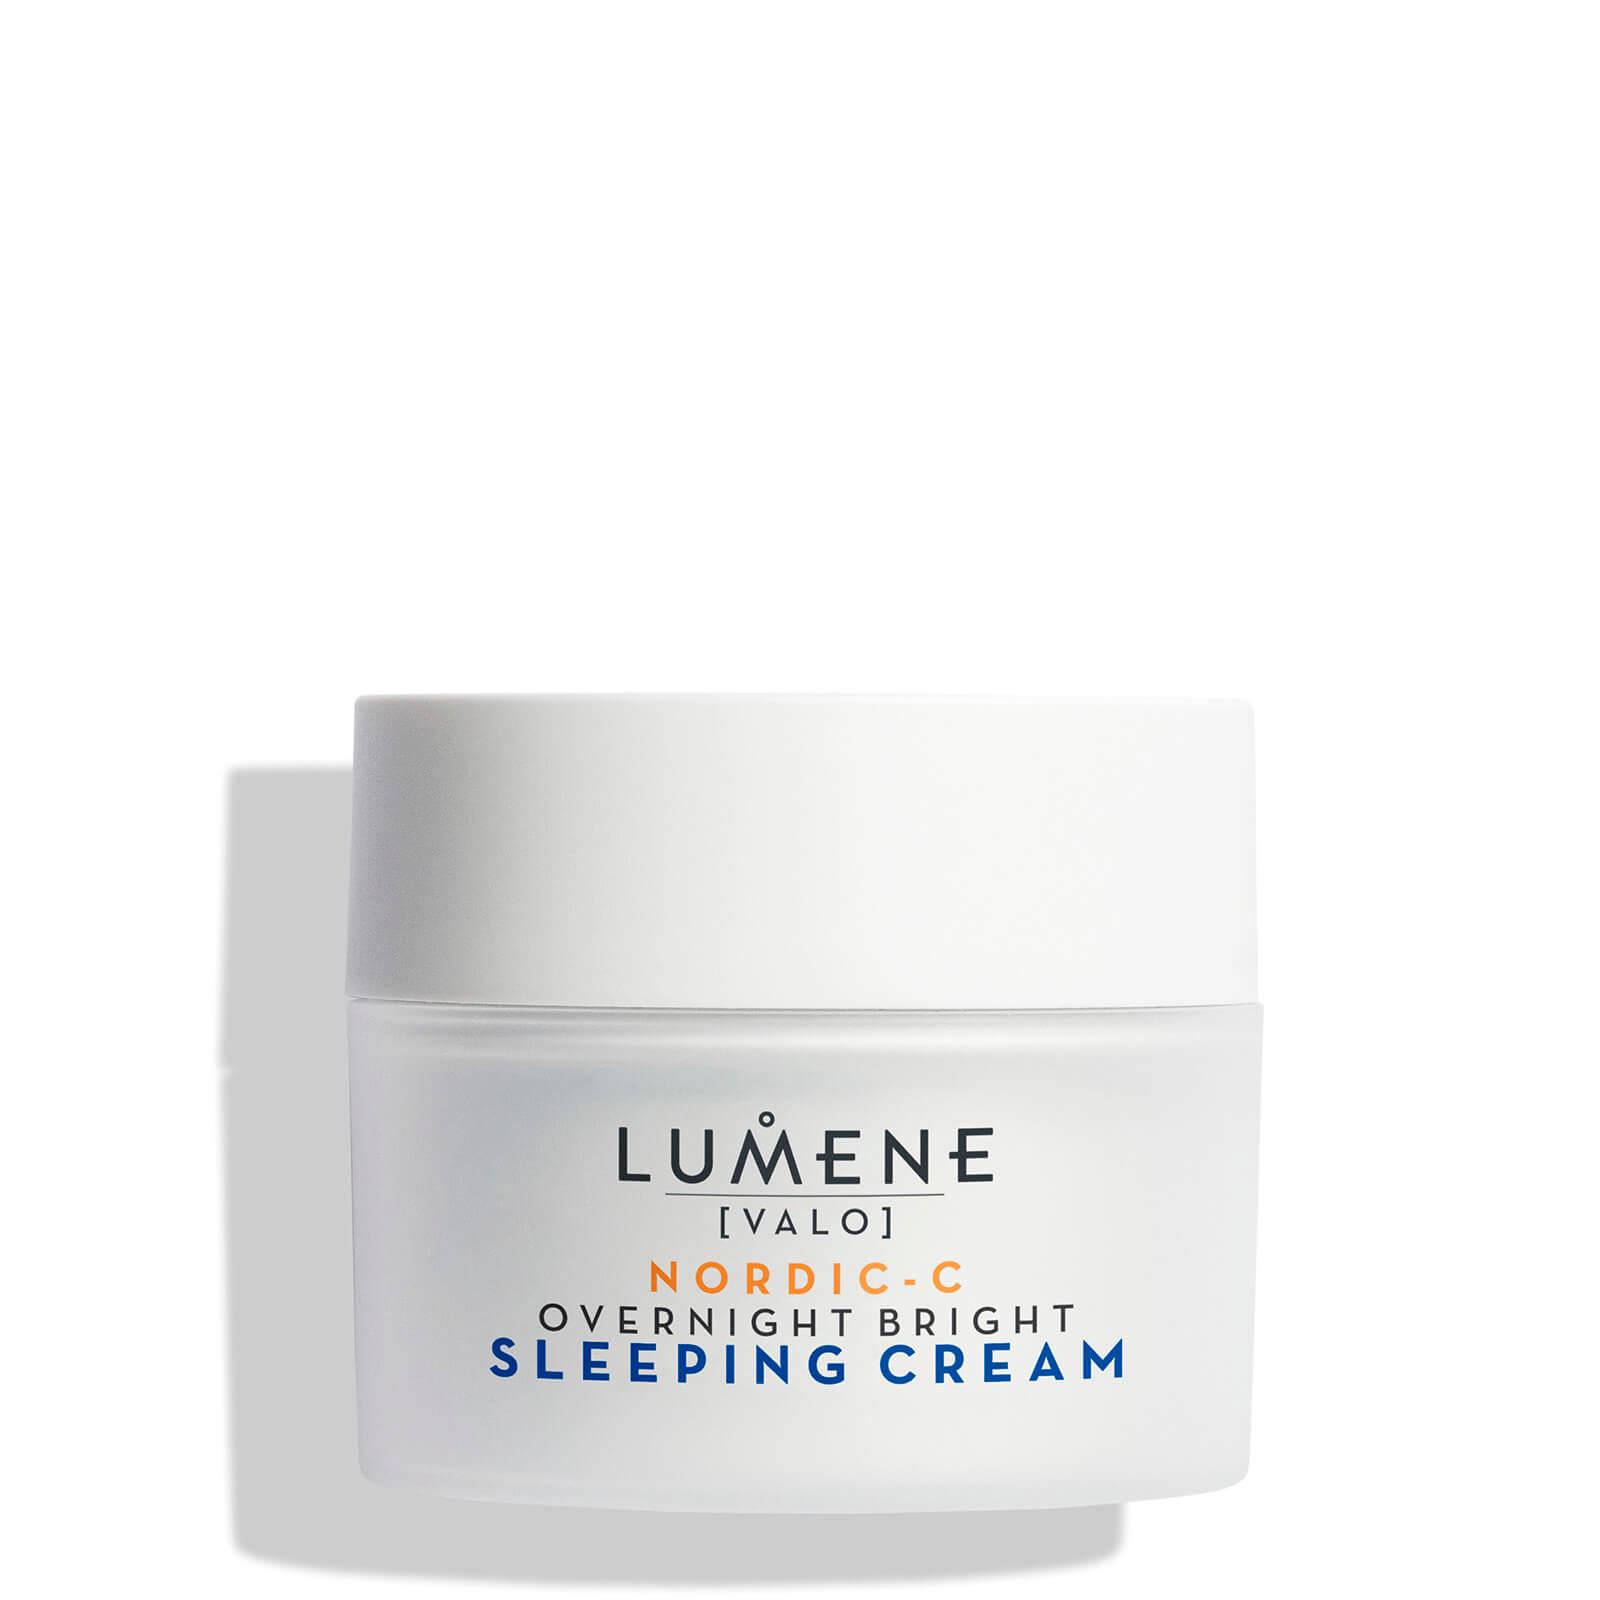 Купить Восстанавливающий крем-сон Lumene Nordic C [Valo] Overnight Bright Sleeping Cream 50 мл